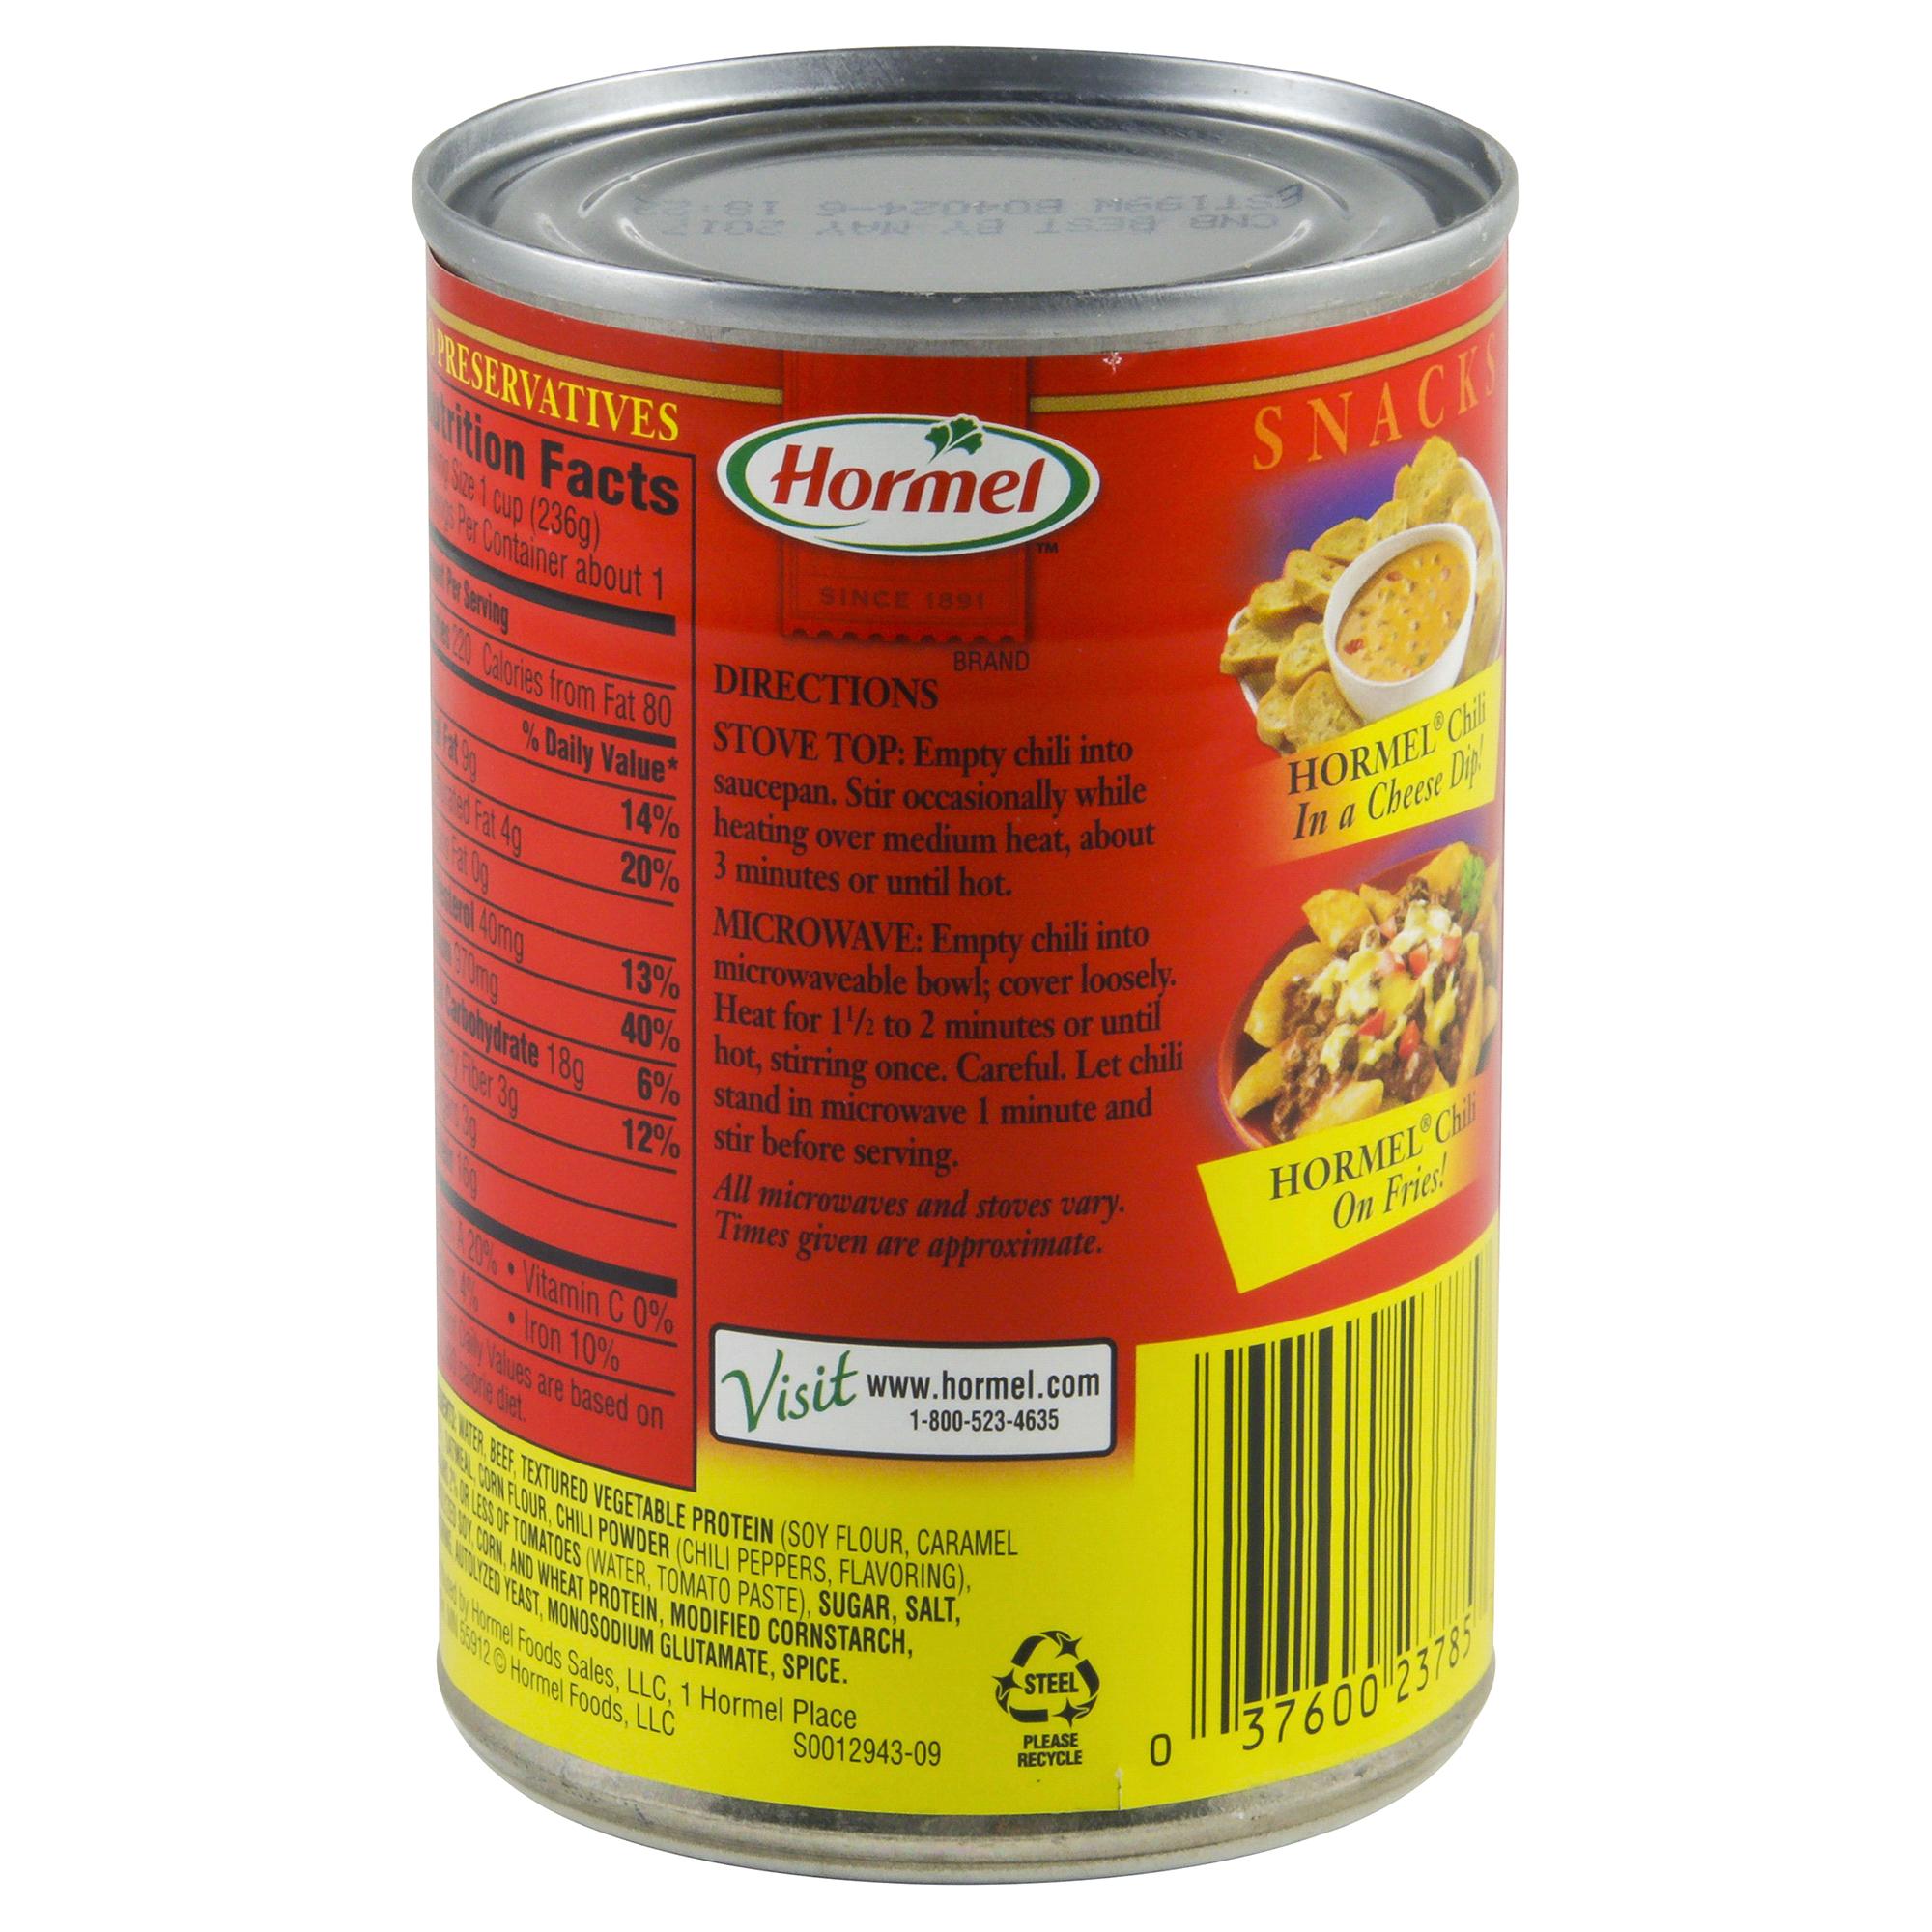 Hormel Chili No Beans 10.5 oz | Meijer.com